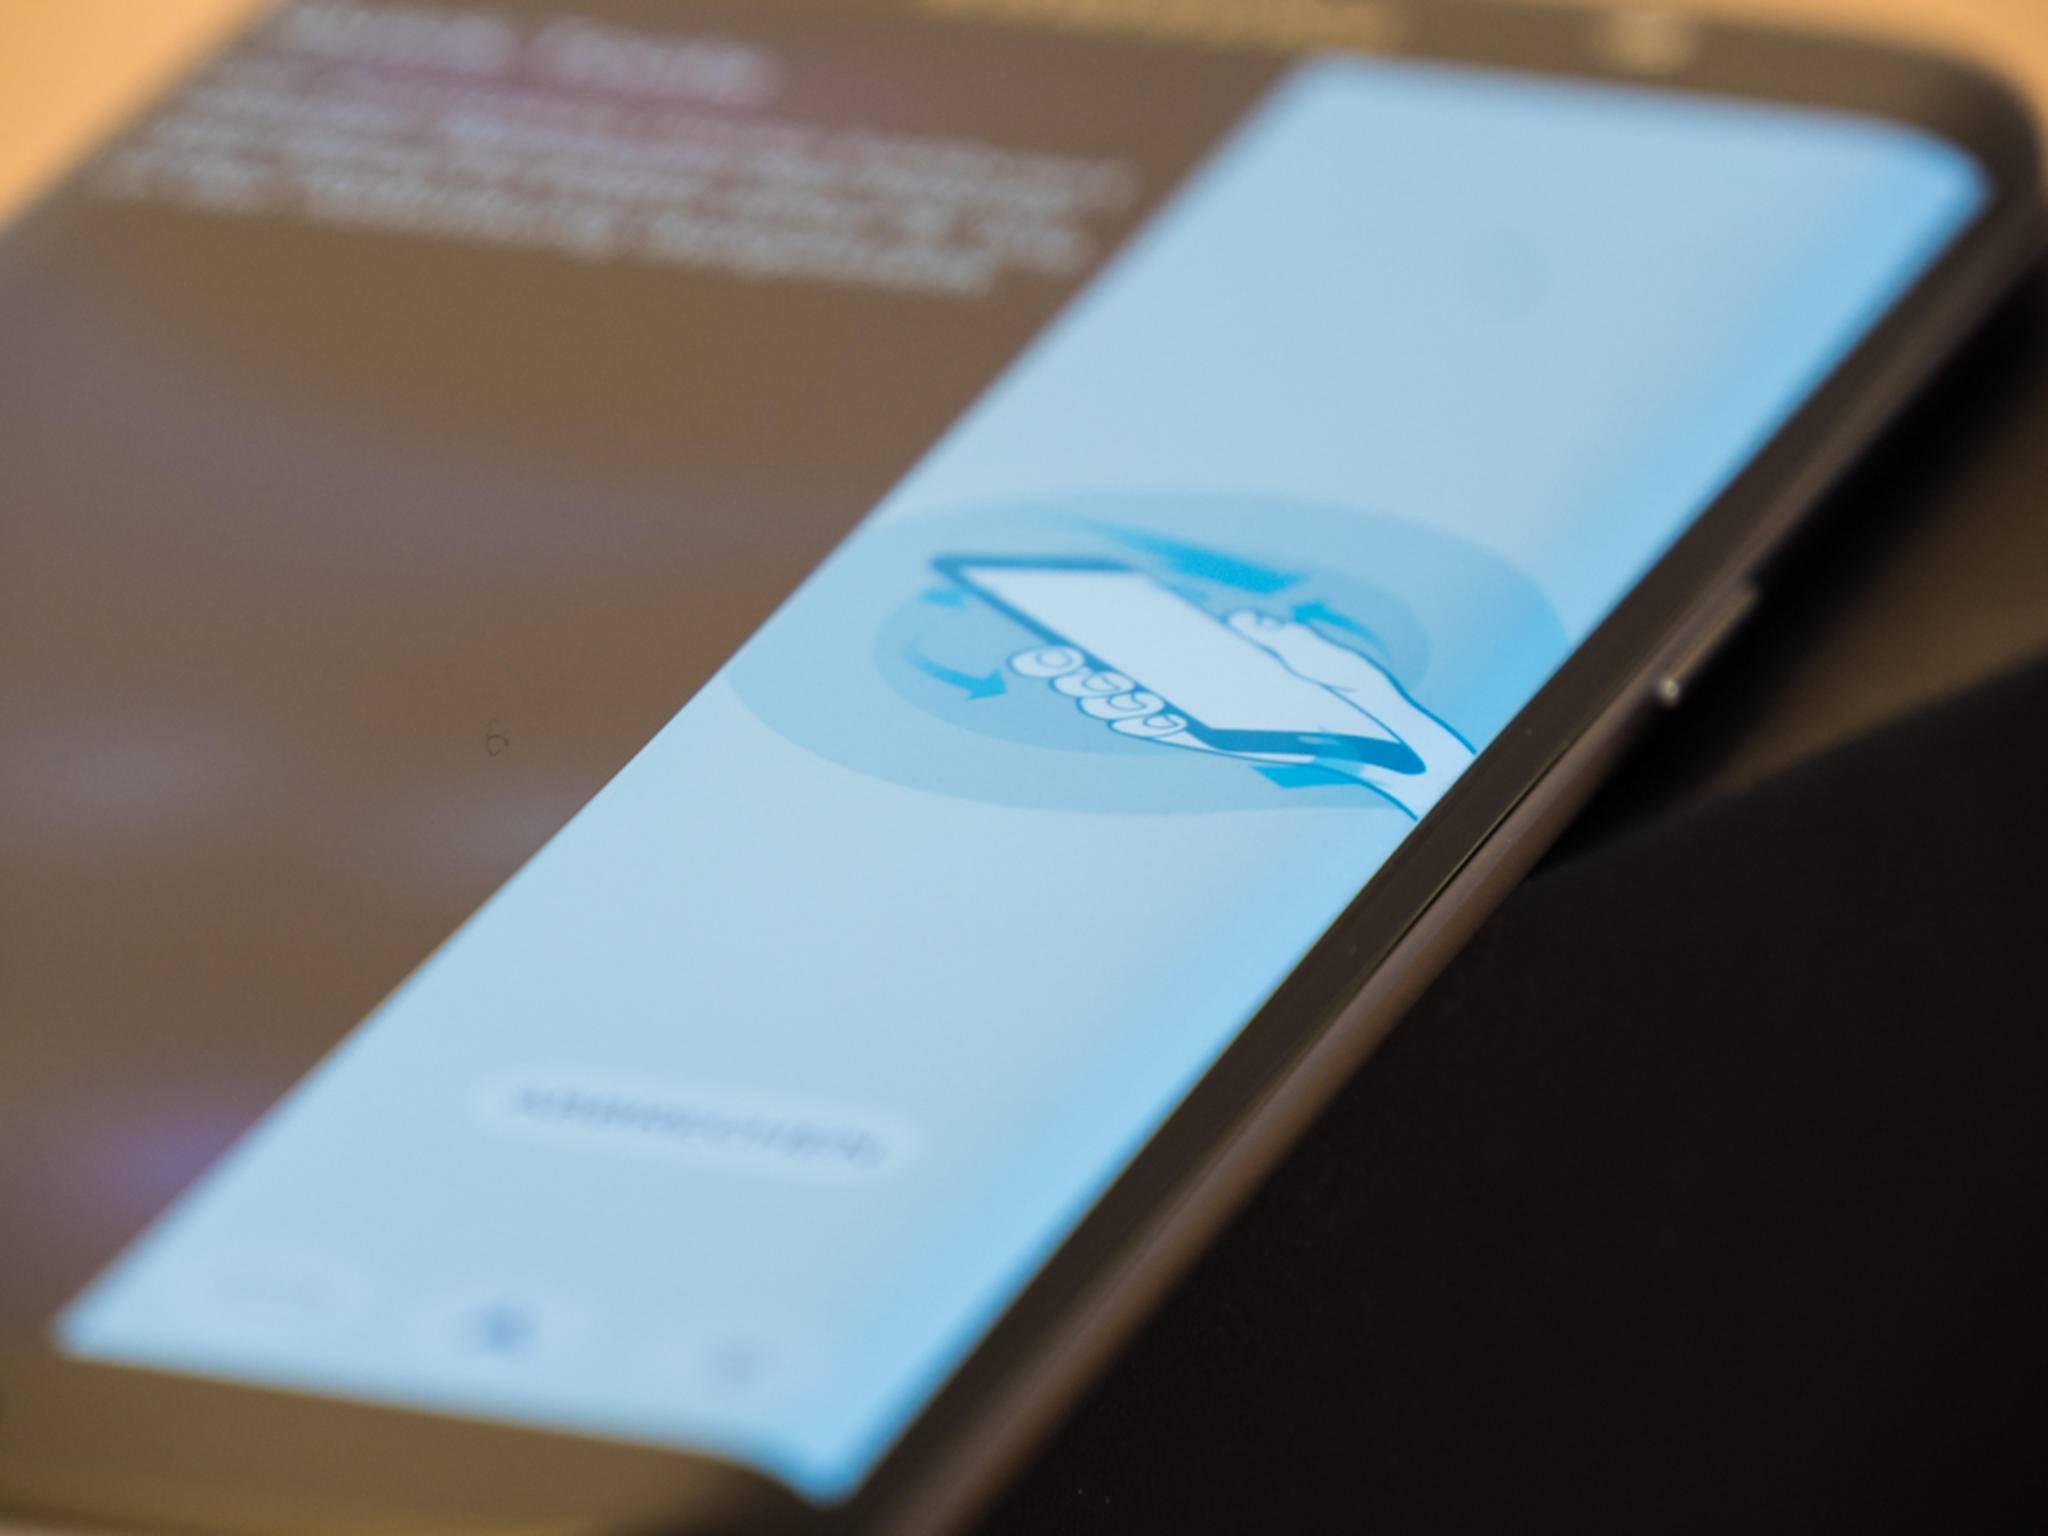 Der Seitenbildschirm bietet App-Shortcuts, Tools und einiges mehr.